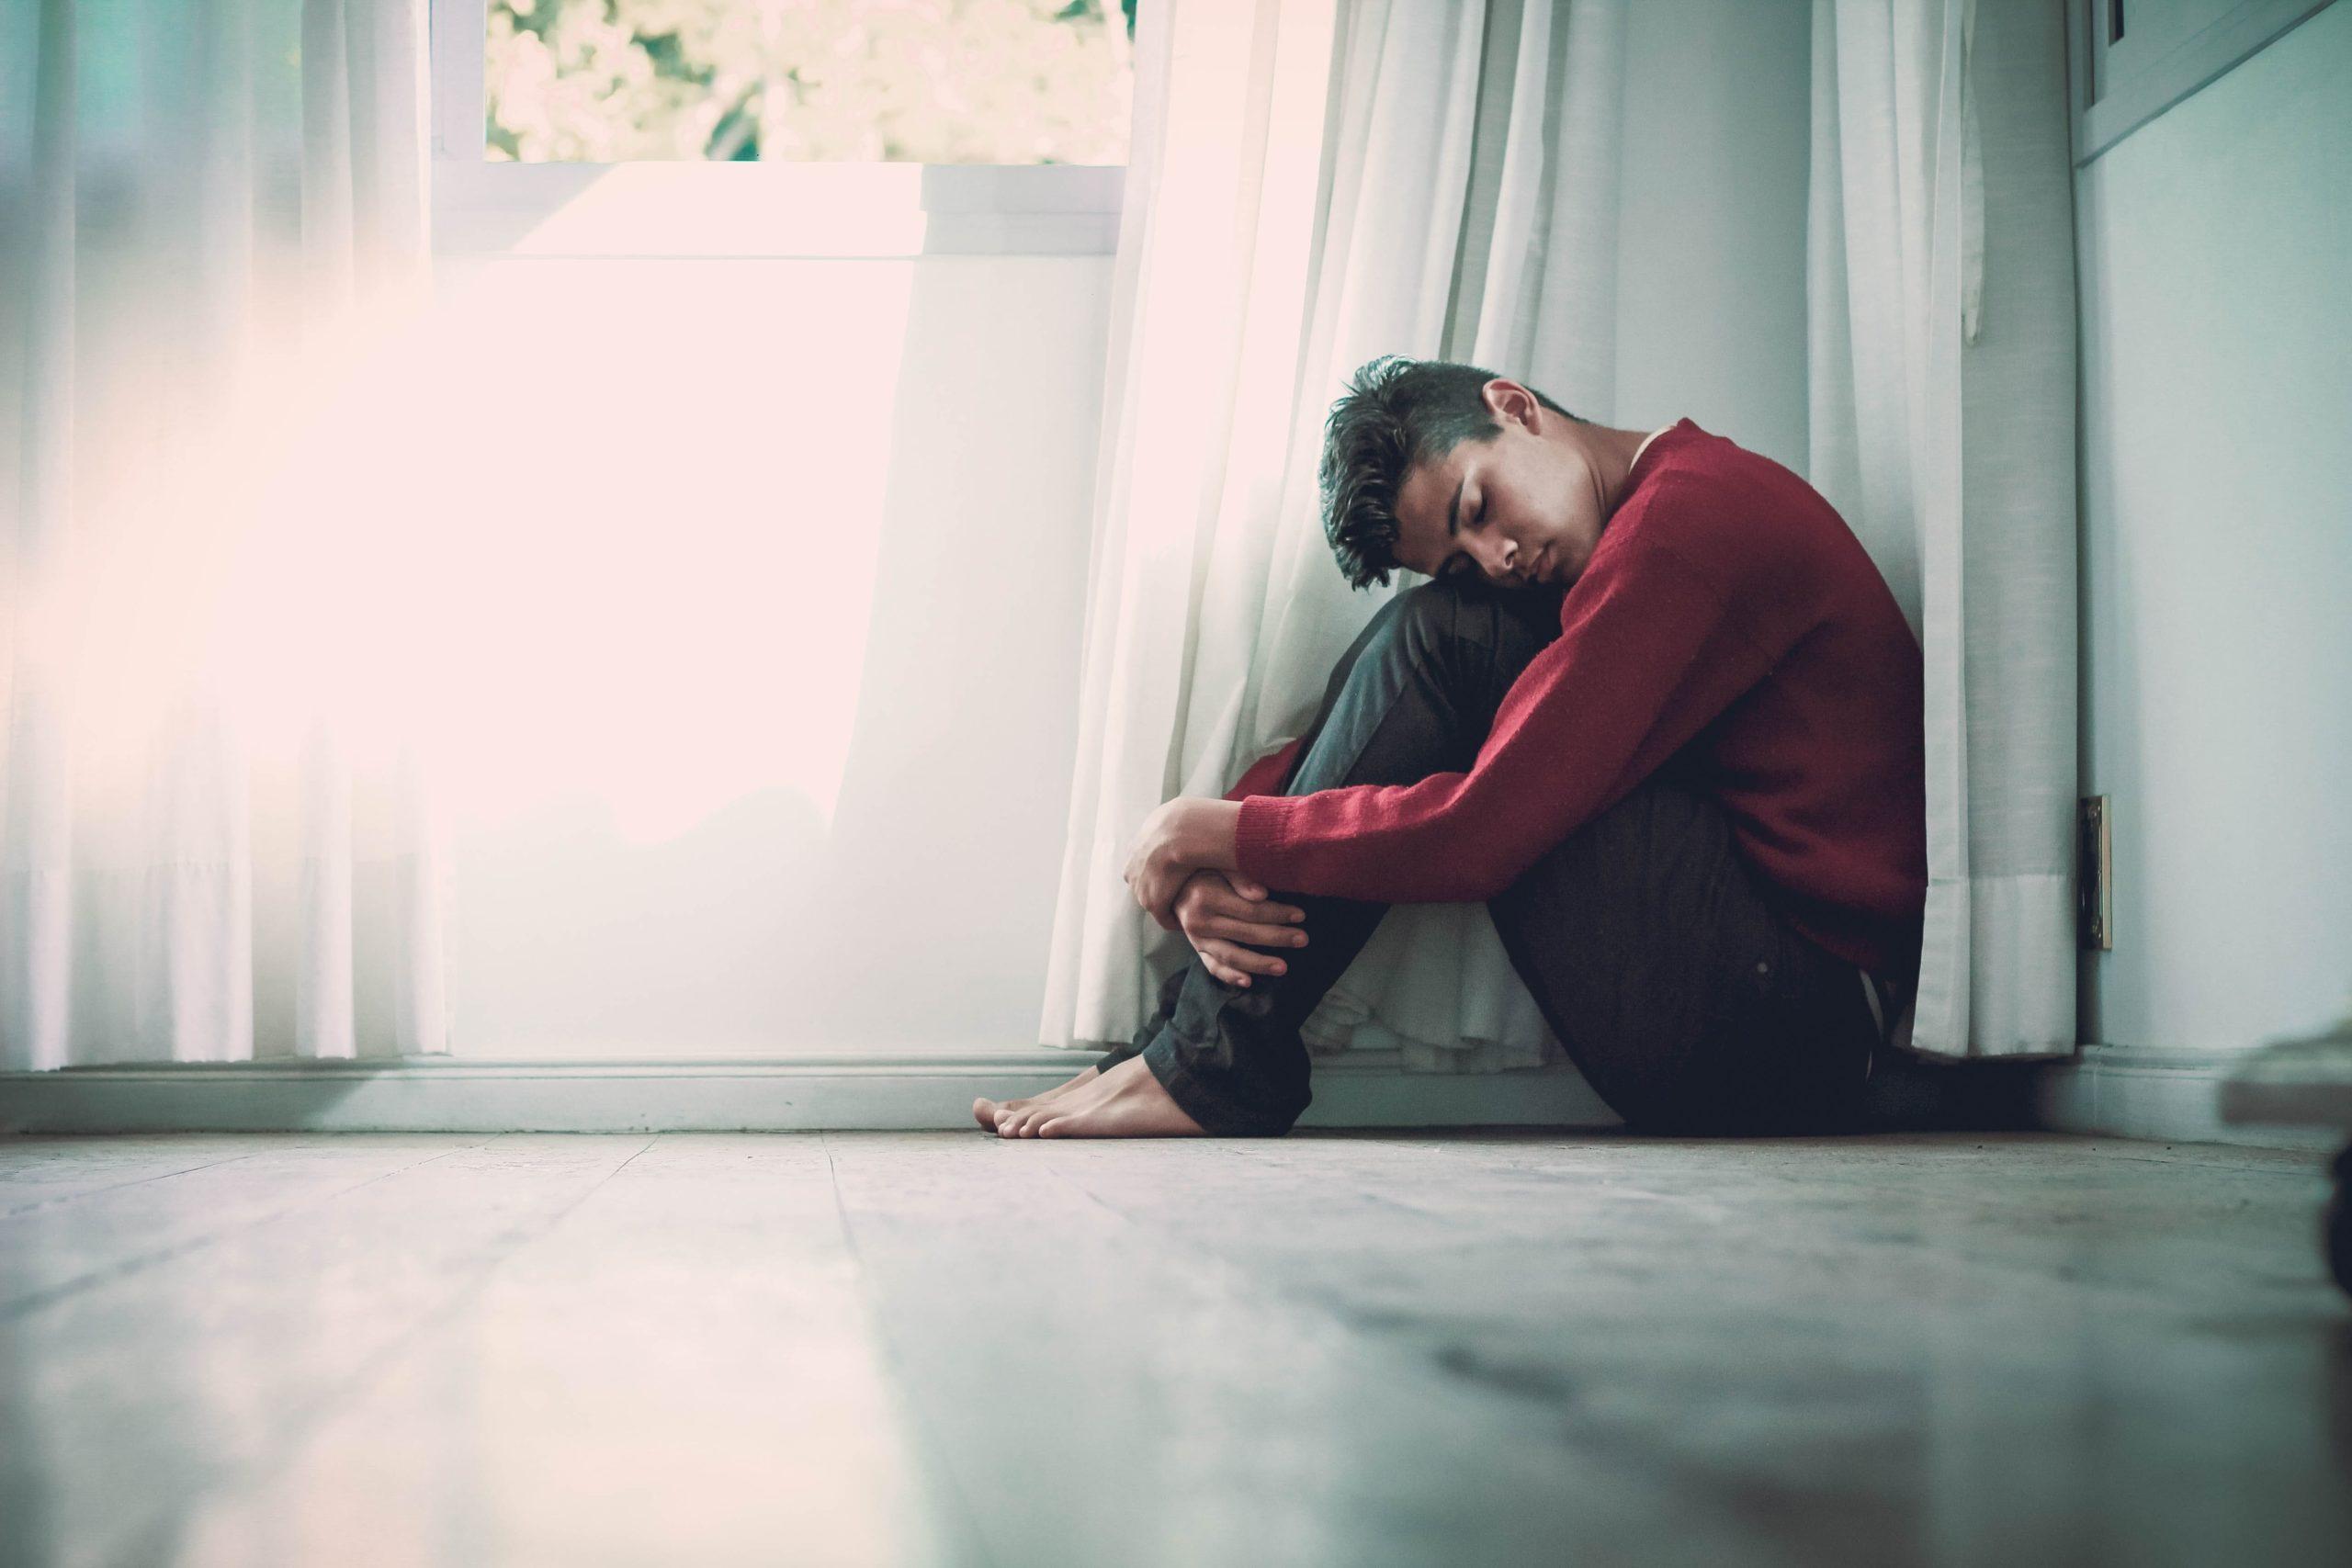 不安を感じている人の画像